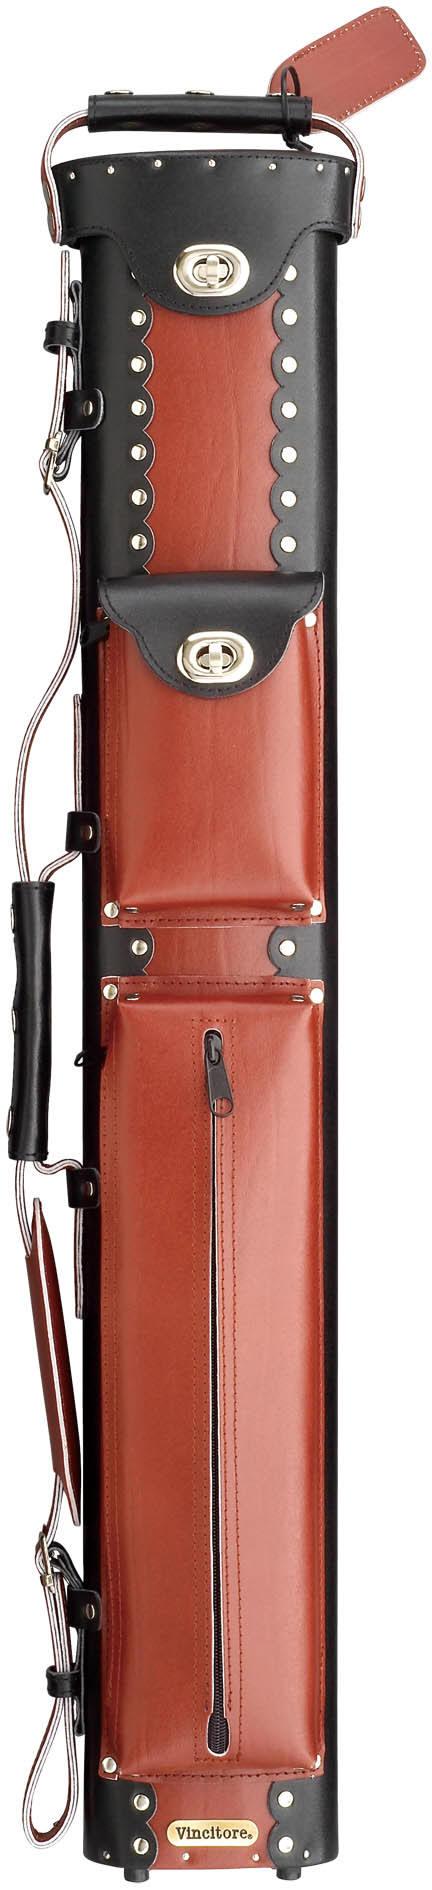 Vincitore Pool Cue Cases Lc35 Com Leather Cue Case